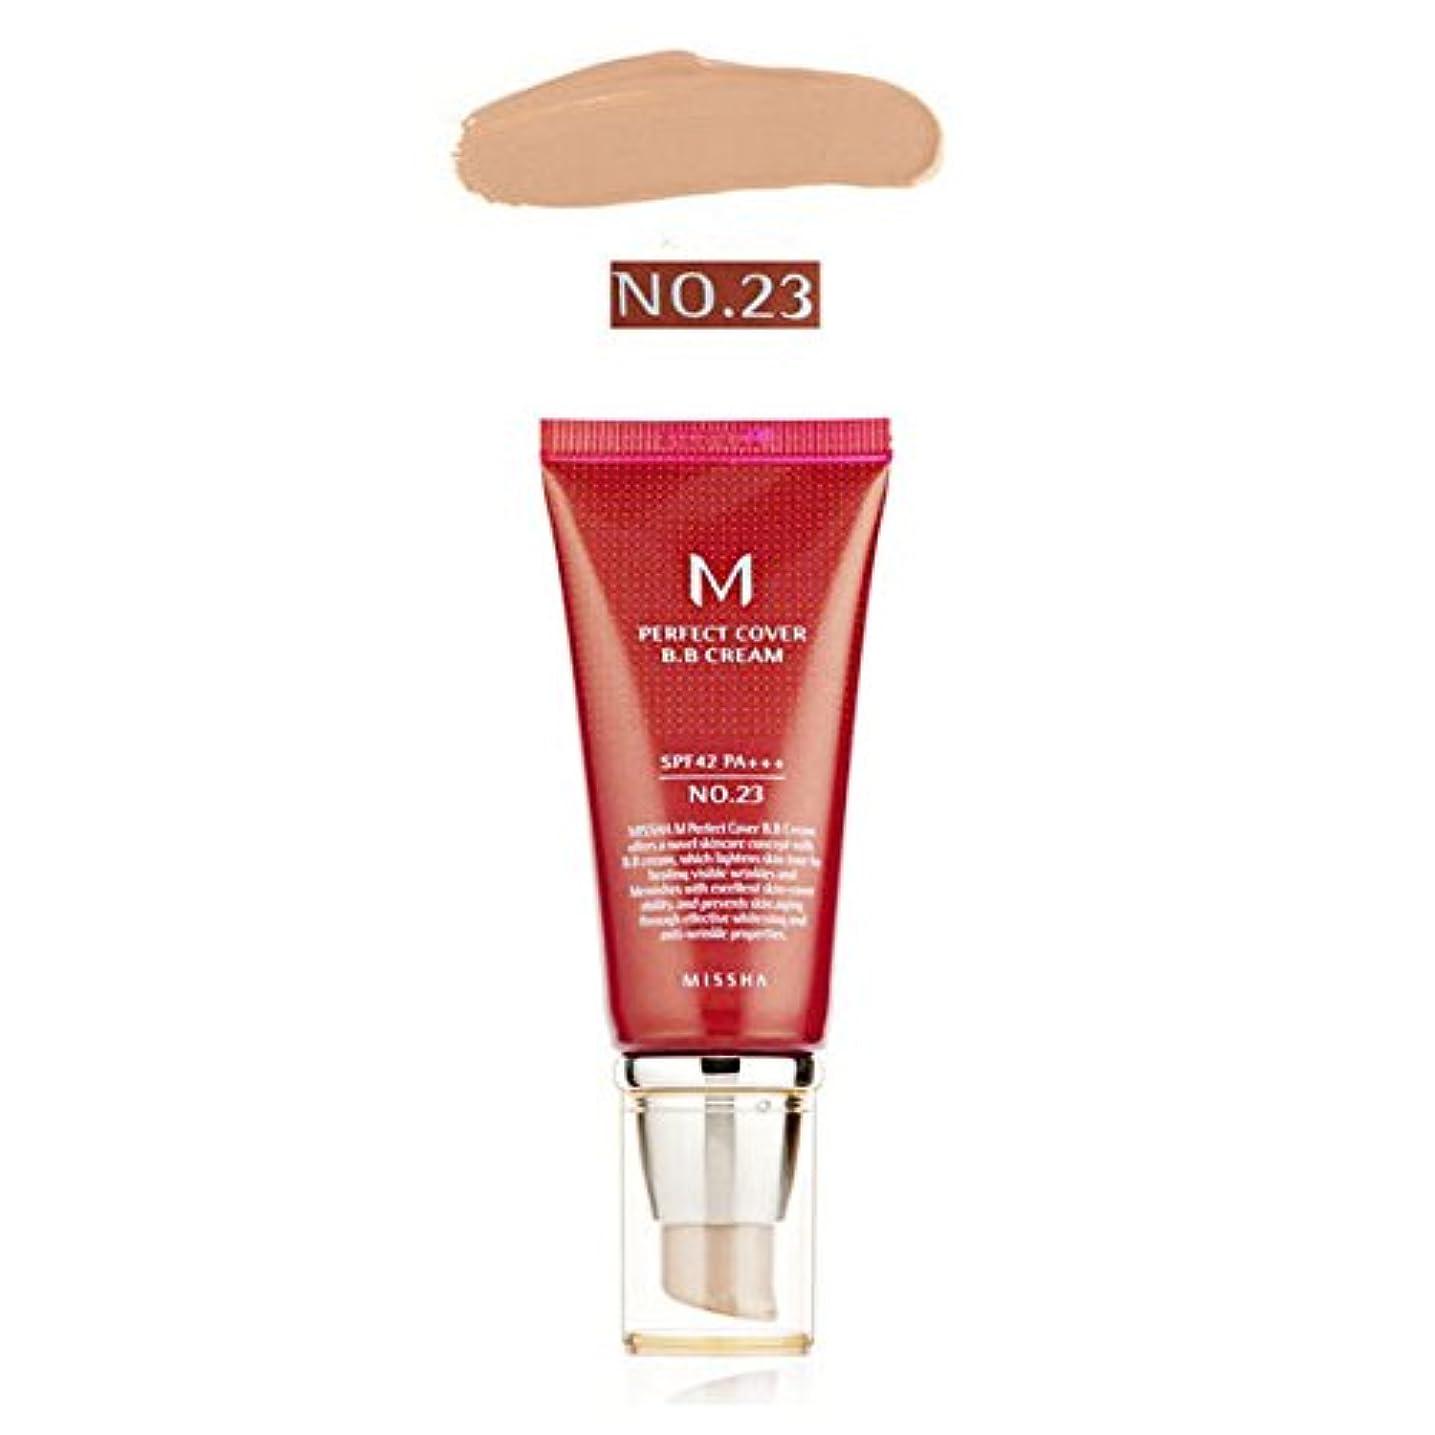 ネスト勝者メタン[ミシャ] MISSHA [M パーフェクト カバー BBクリーム 21号 / 23号50ml] (M Perfect Cover BB cream 21号 / 23号 50ml) SPF42 PA+++ (Type2...